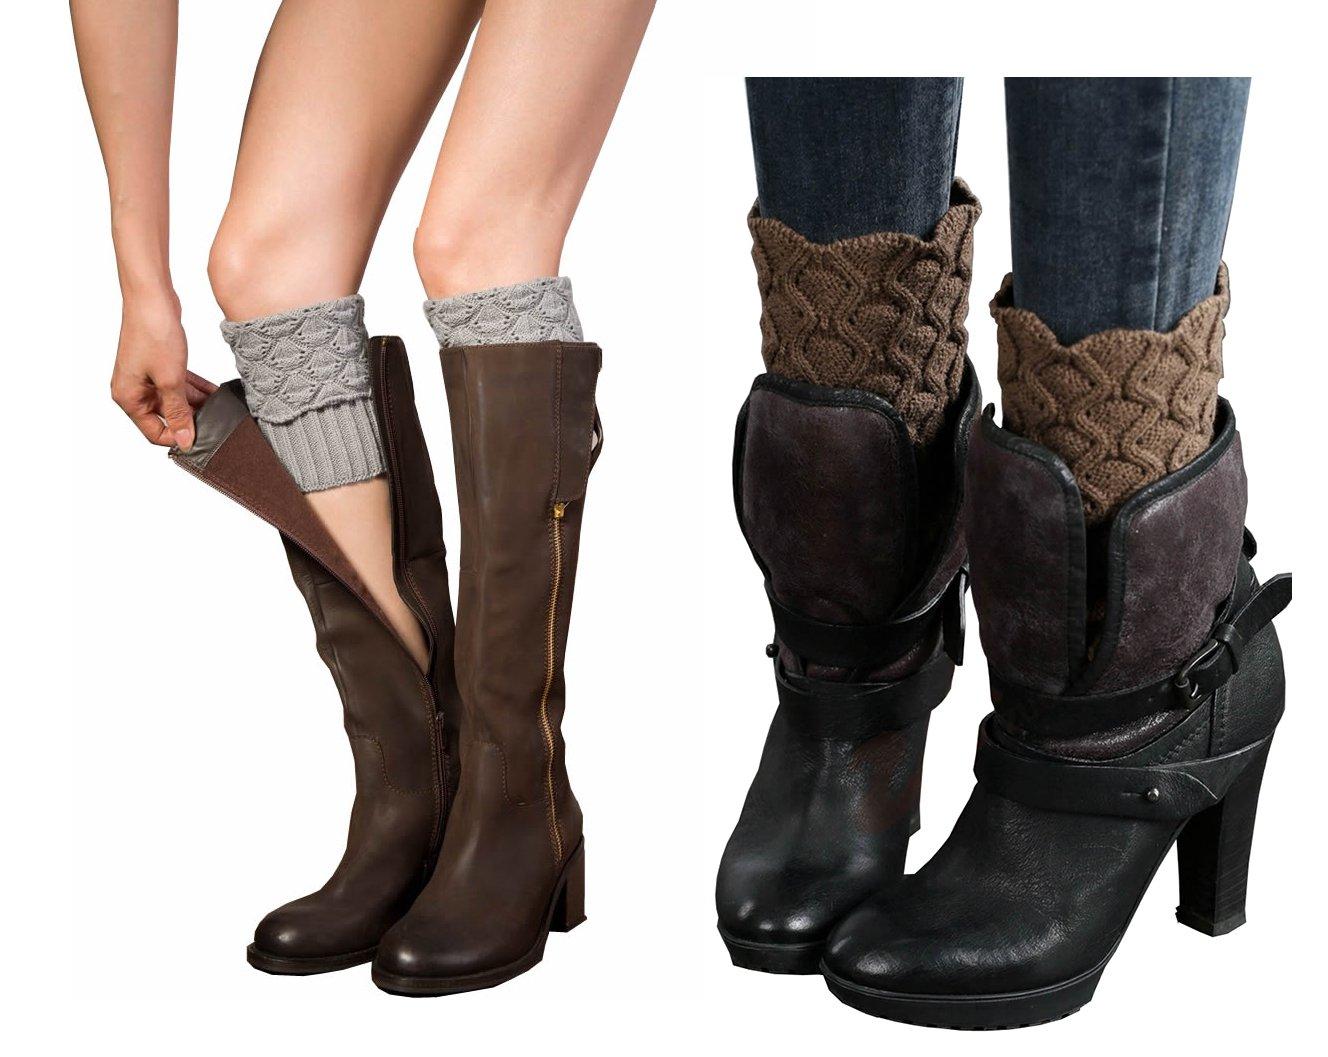 Women Winter Leg Warmer Cozy Soft Crochet Knit Boots Cuffs by Secret Life (2 Pair Light Grey / Light Brown)